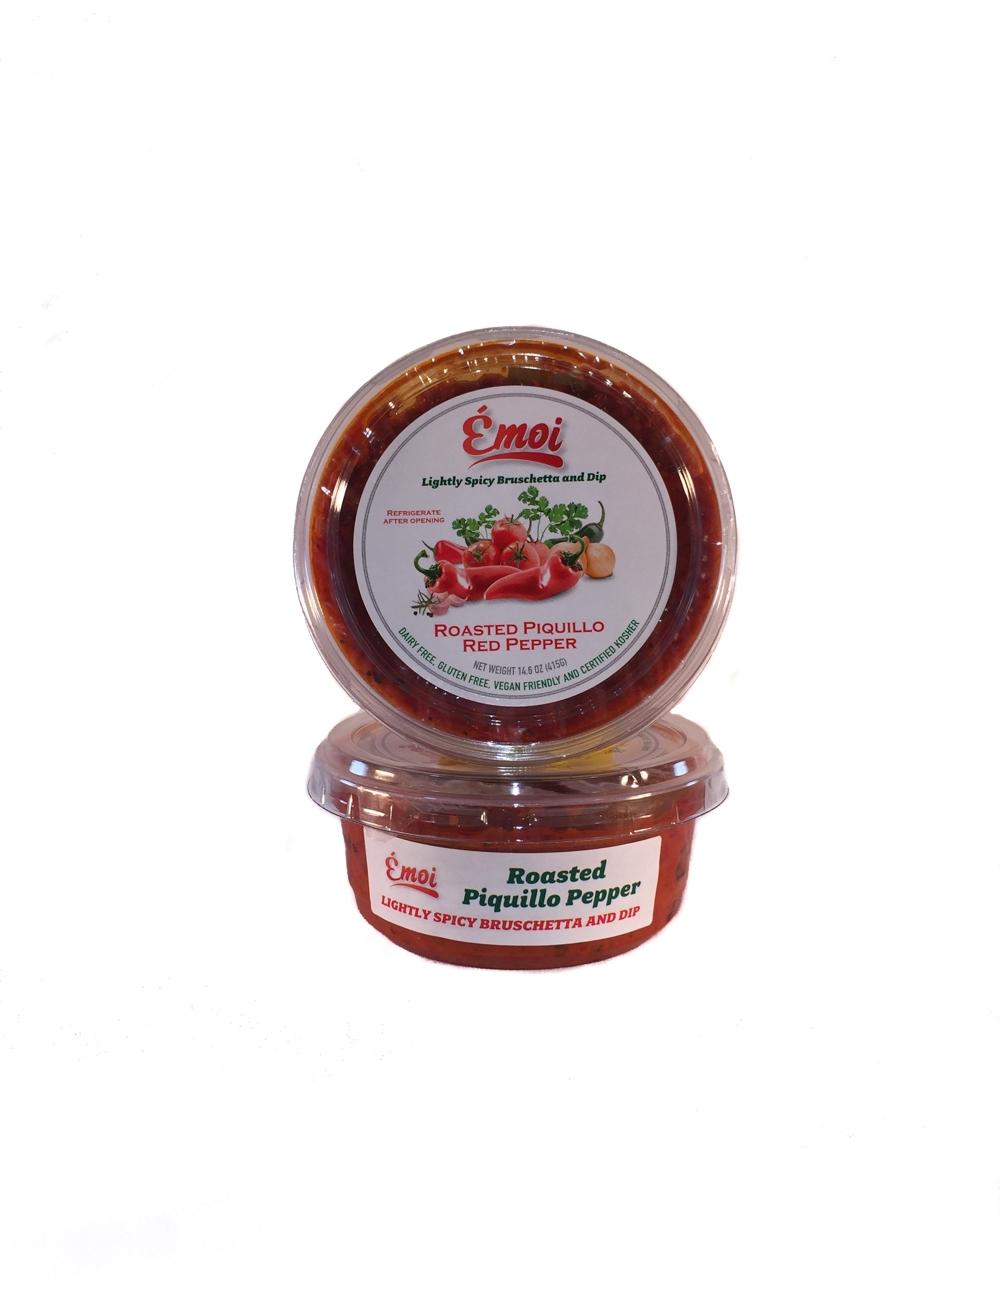 Lightly Spicy Piquillo Pepper Bruschetta & Dip